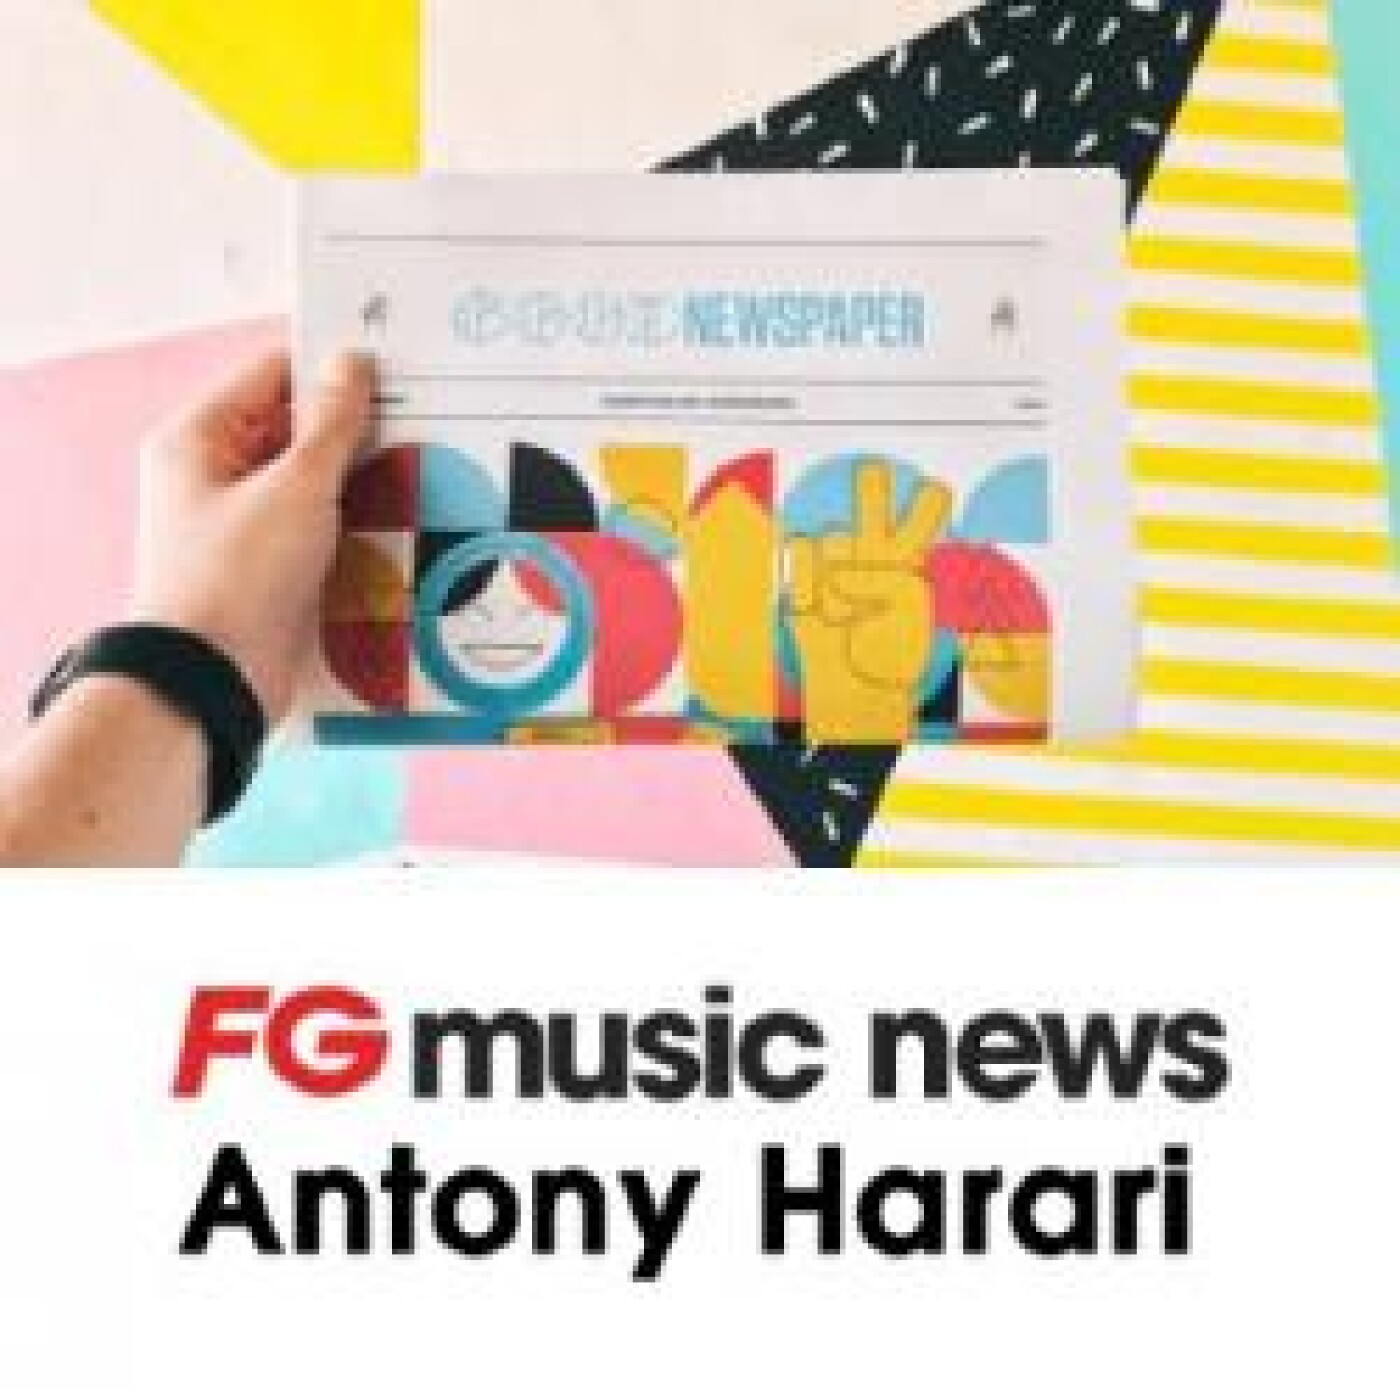 FG MUSIC NEWS : le nouveau Regard